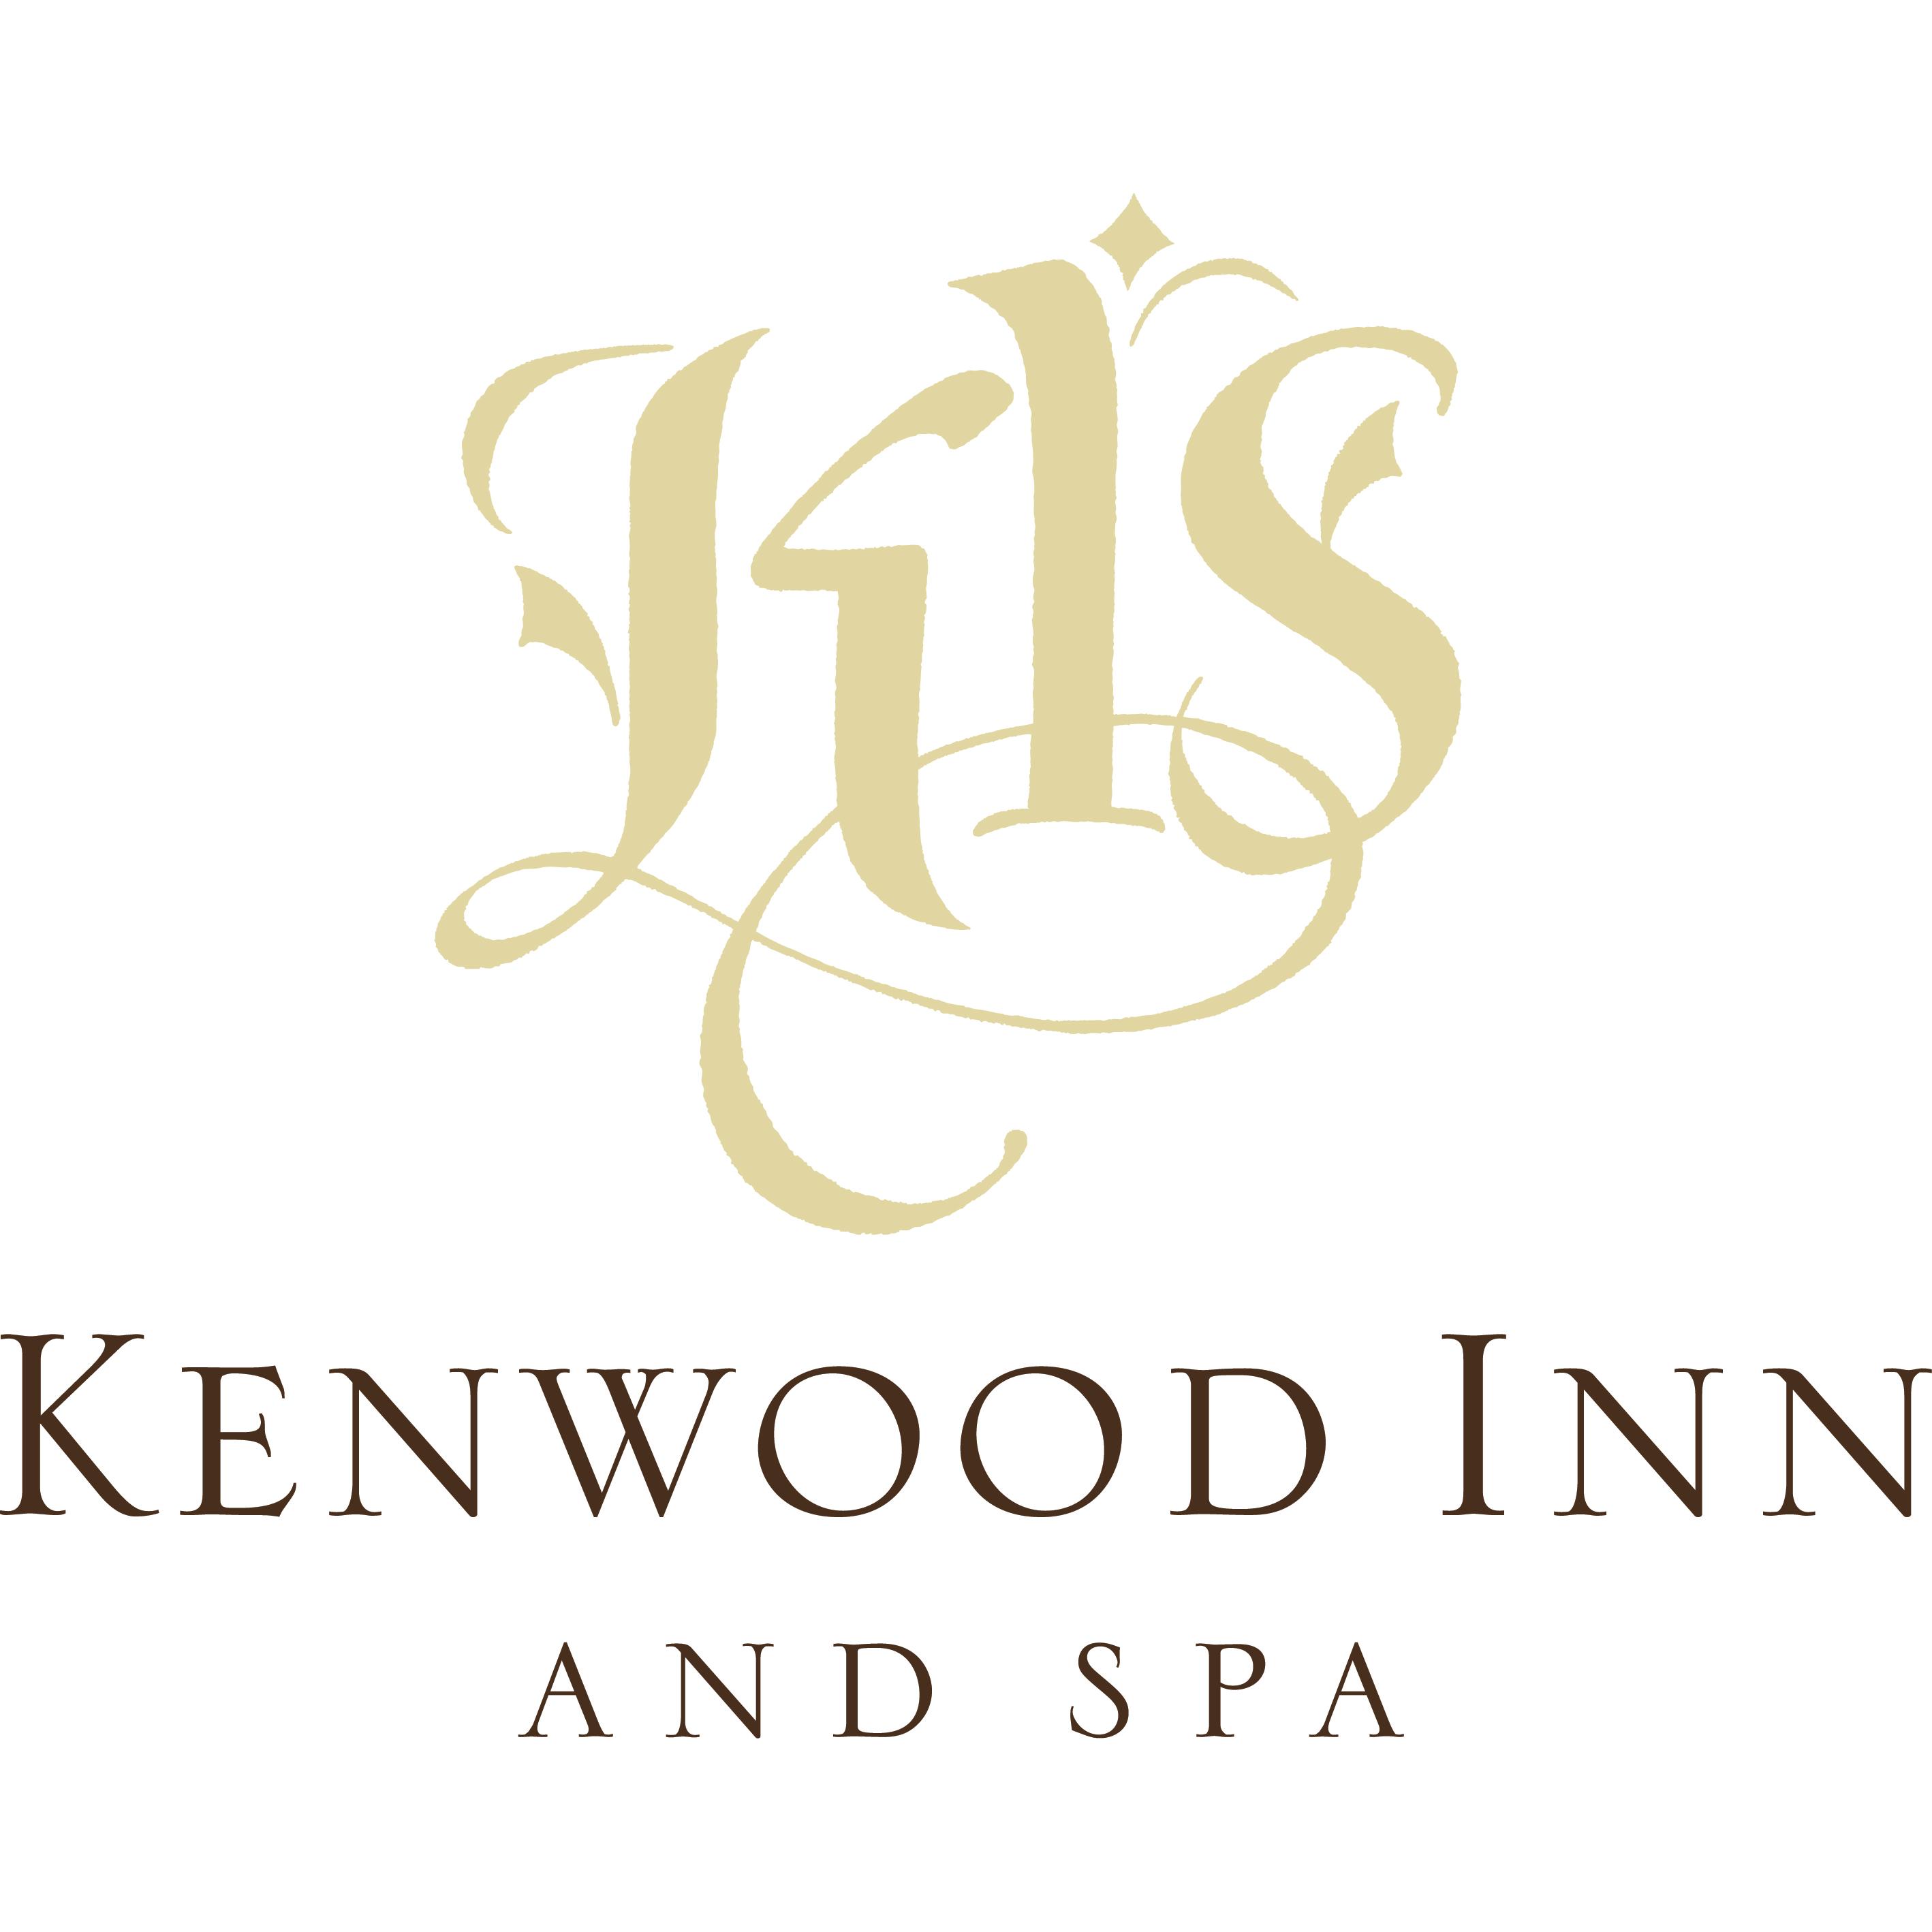 Kenwood Inn And Spa Address